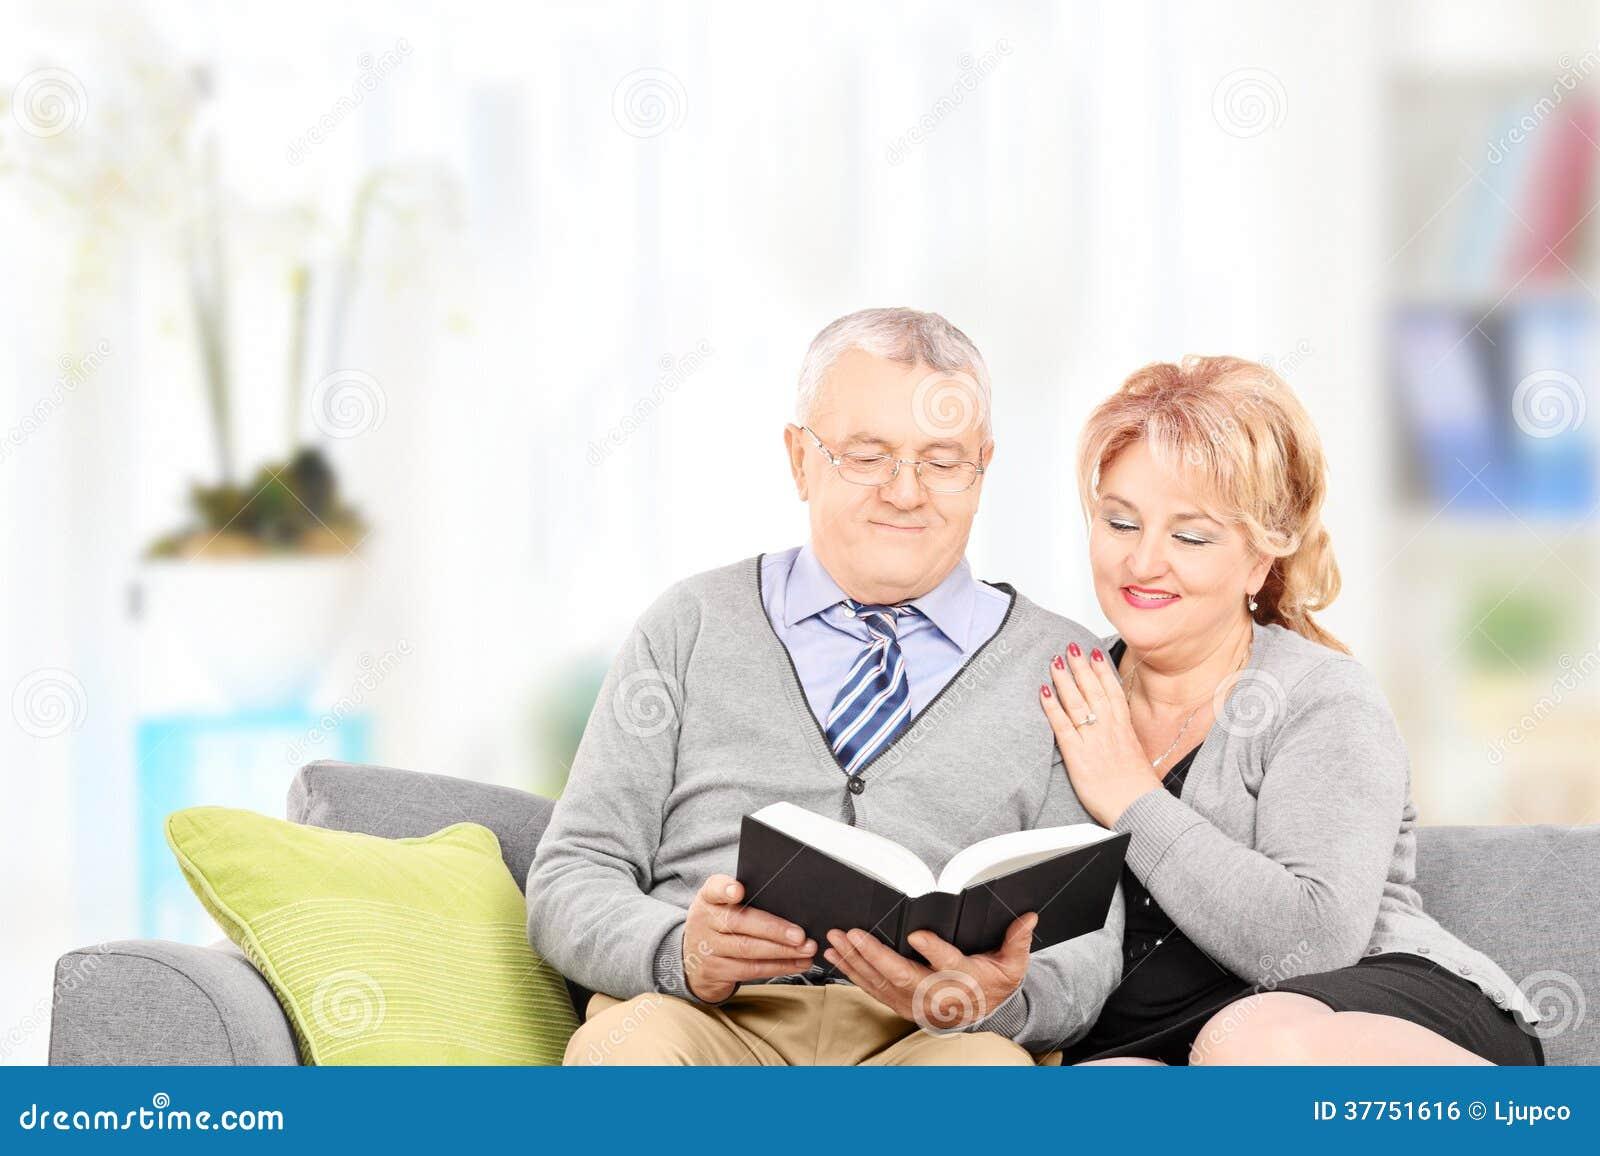 Différence entre les générations  Couples-m-rs-lisant-un-livre-pos-sur-le-divan-37751616